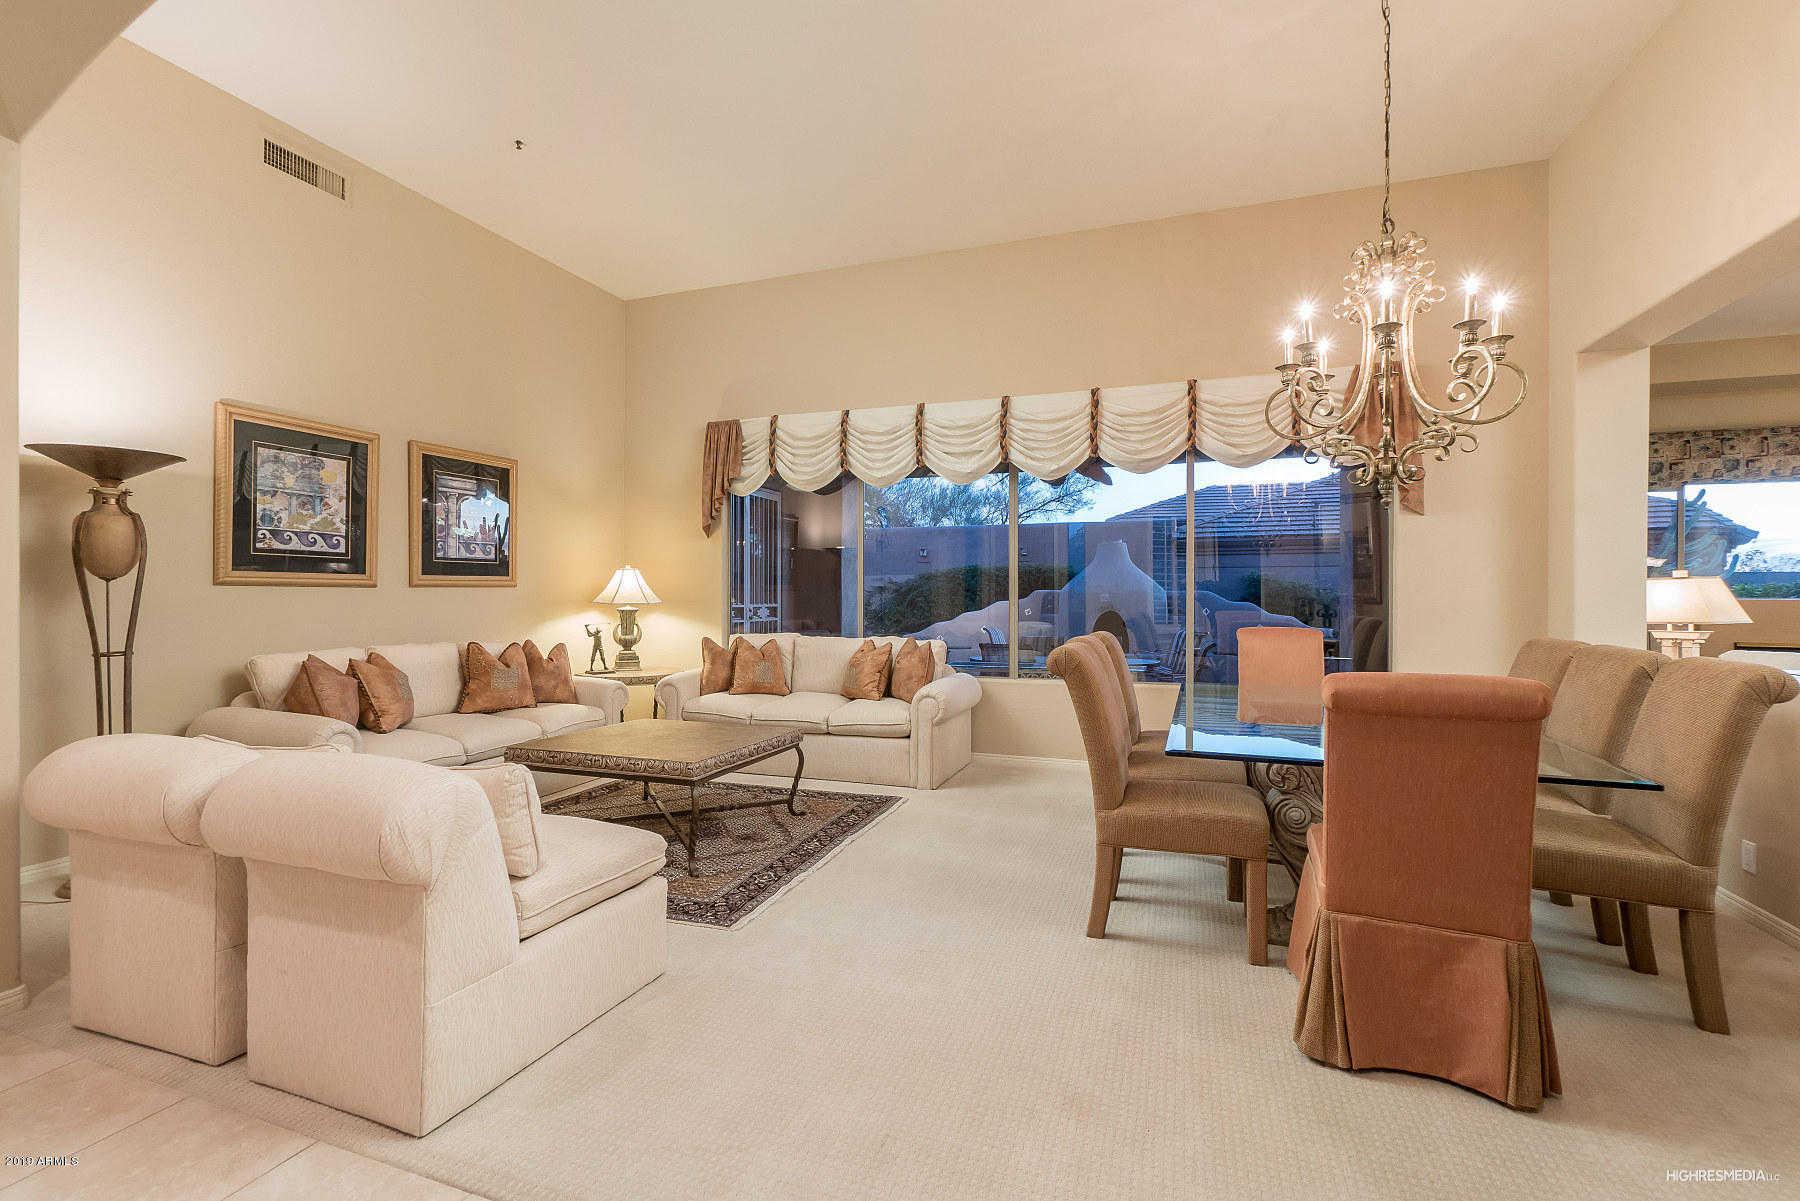 $530,000 - 3Br/3Ba - Home for Sale in Terravita, Scottsdale